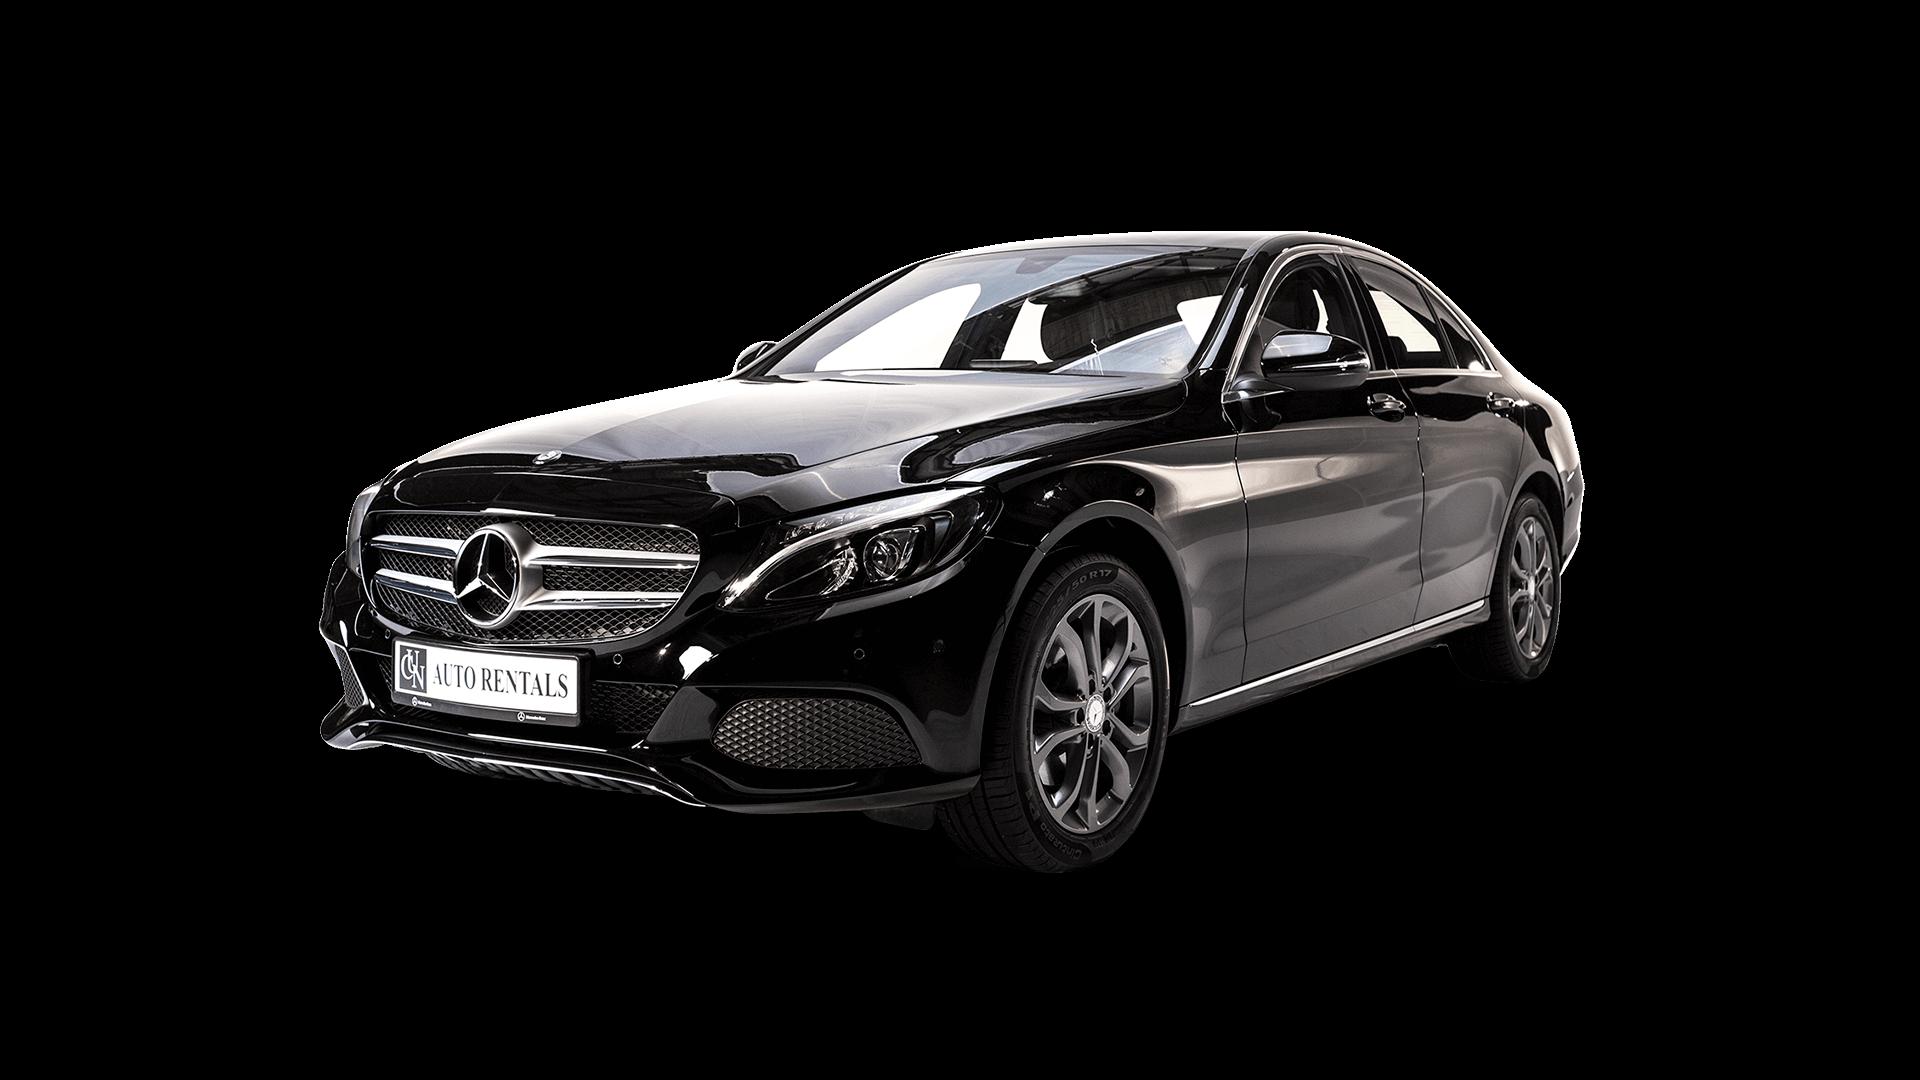 Mercedes Benz C 200 D Limousine Amg Avantgarde Exterior Rent A